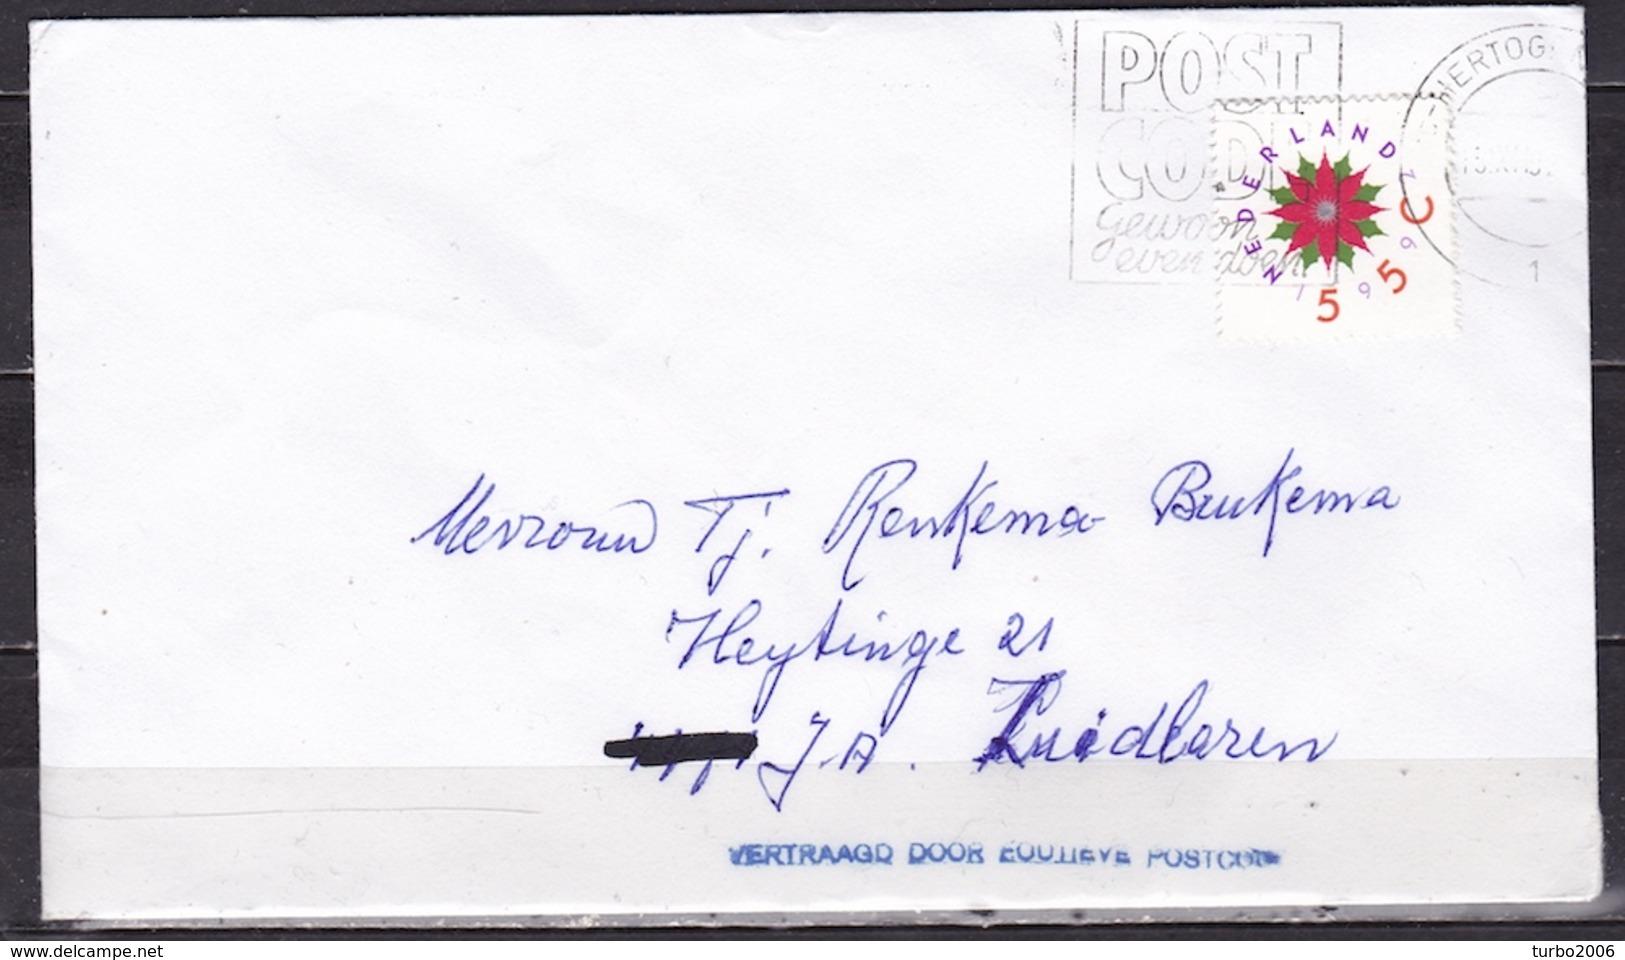 """1992 """"vertraagd Door Foutieve Postcode"""" Blauw Stempel Op Envelop - Poststempels/ Marcofilie"""